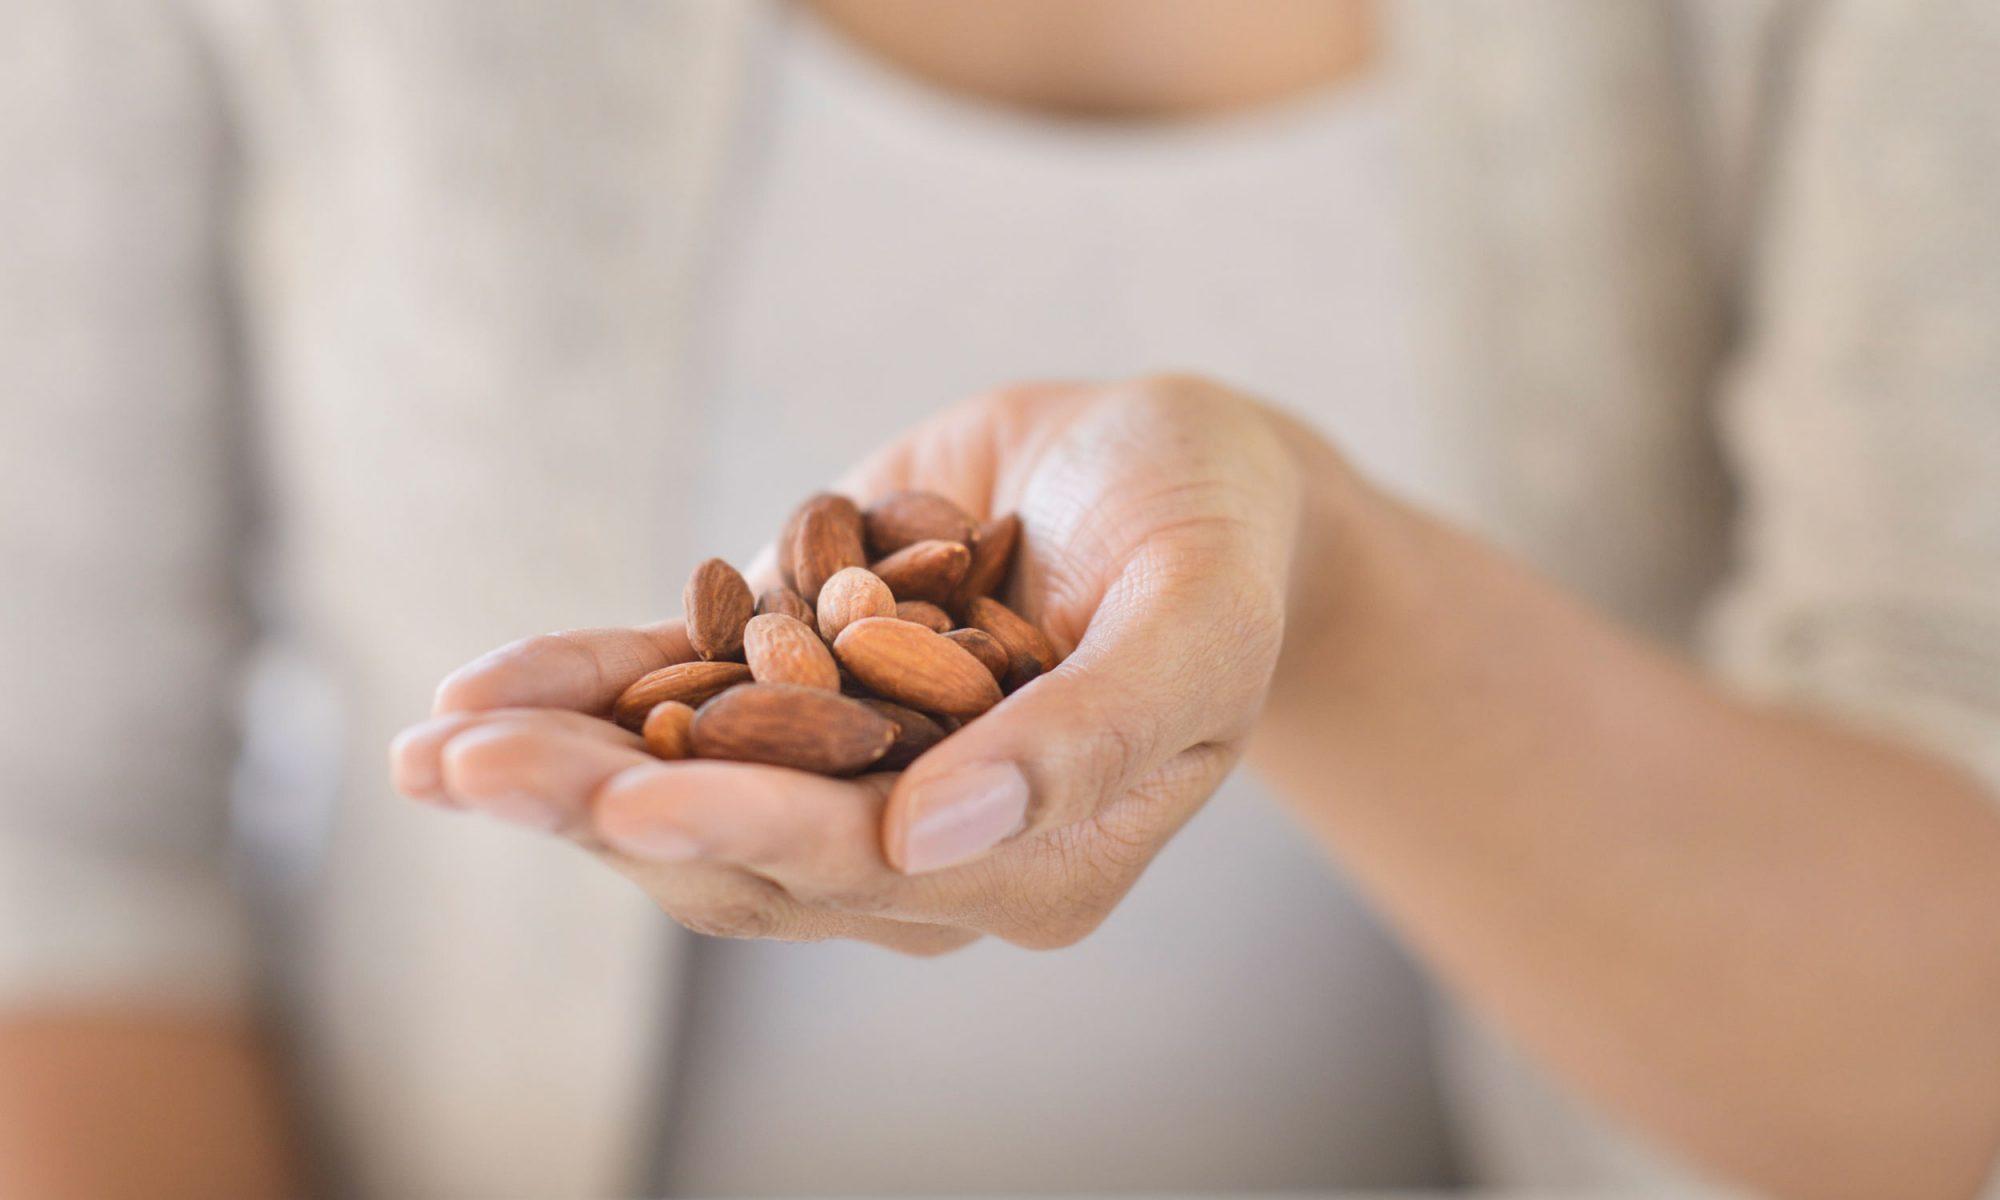 EC: You Should Soak Your Nuts